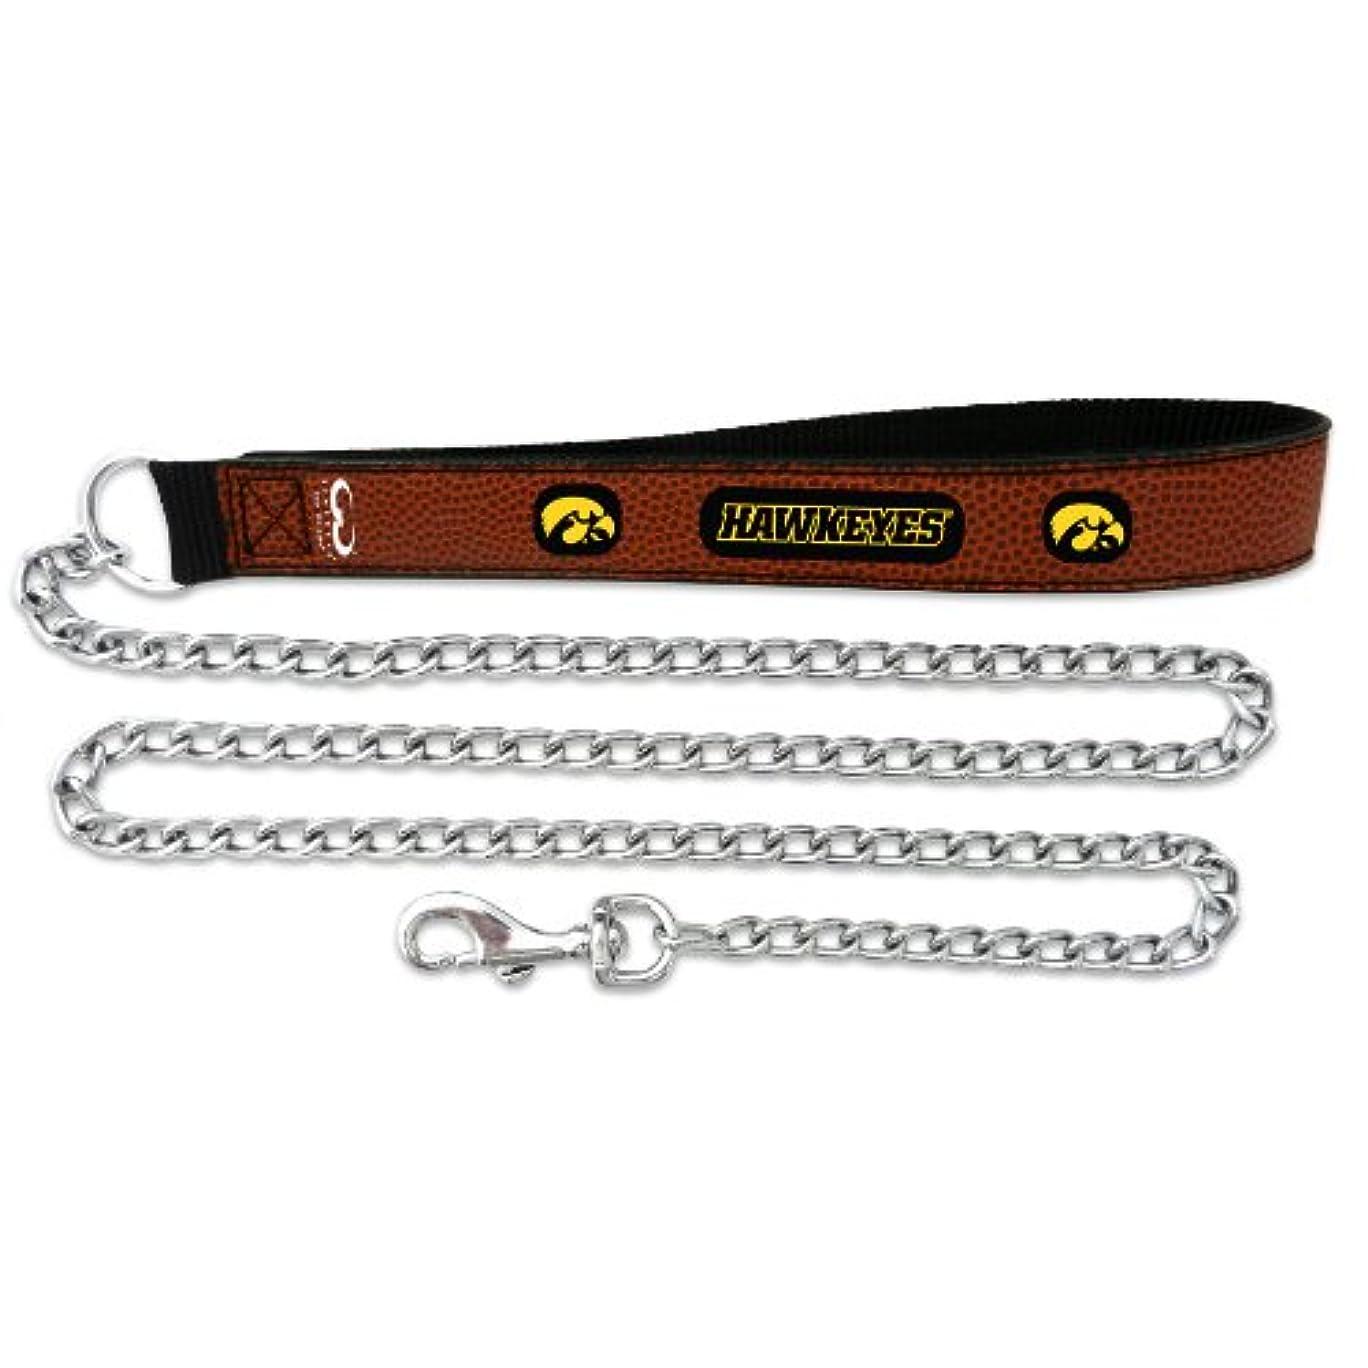 ベーカリー電話に出る論争の的Iowa Hawkeyes Football Leather 2.5mm Chain Leash - M